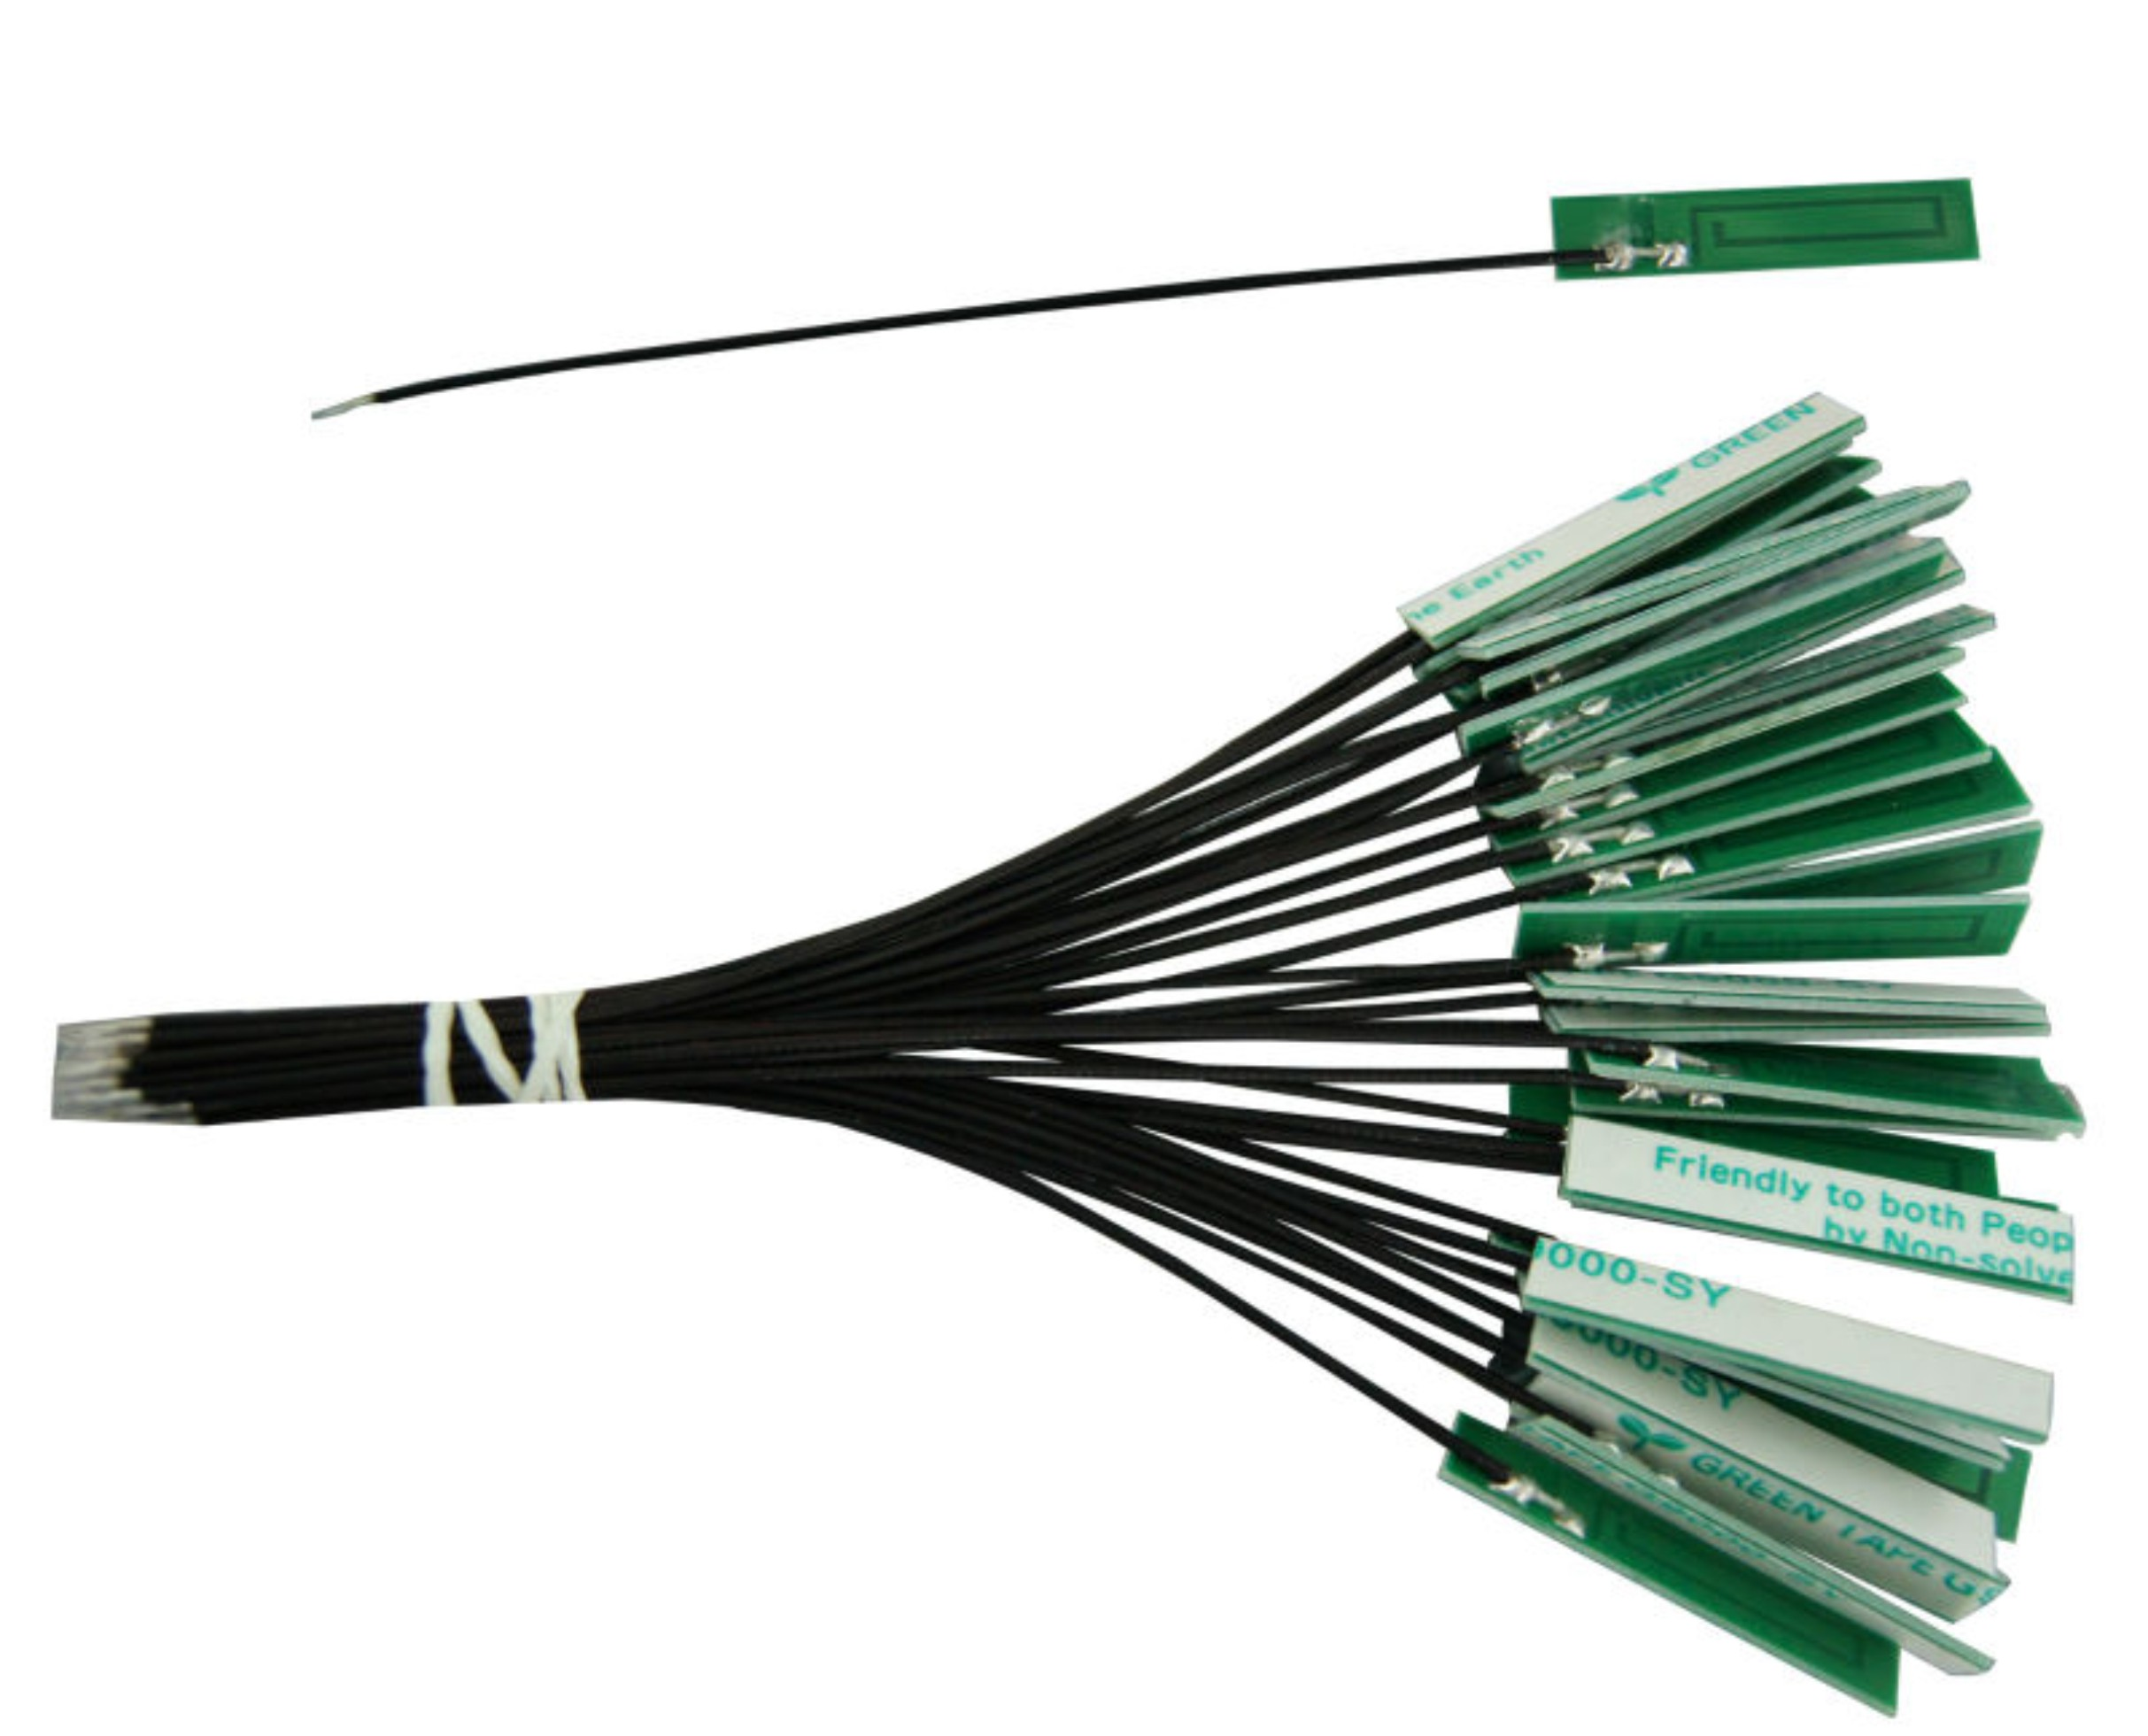 江苏内置天线天线品质工厂 欢迎来电 锐诚达供